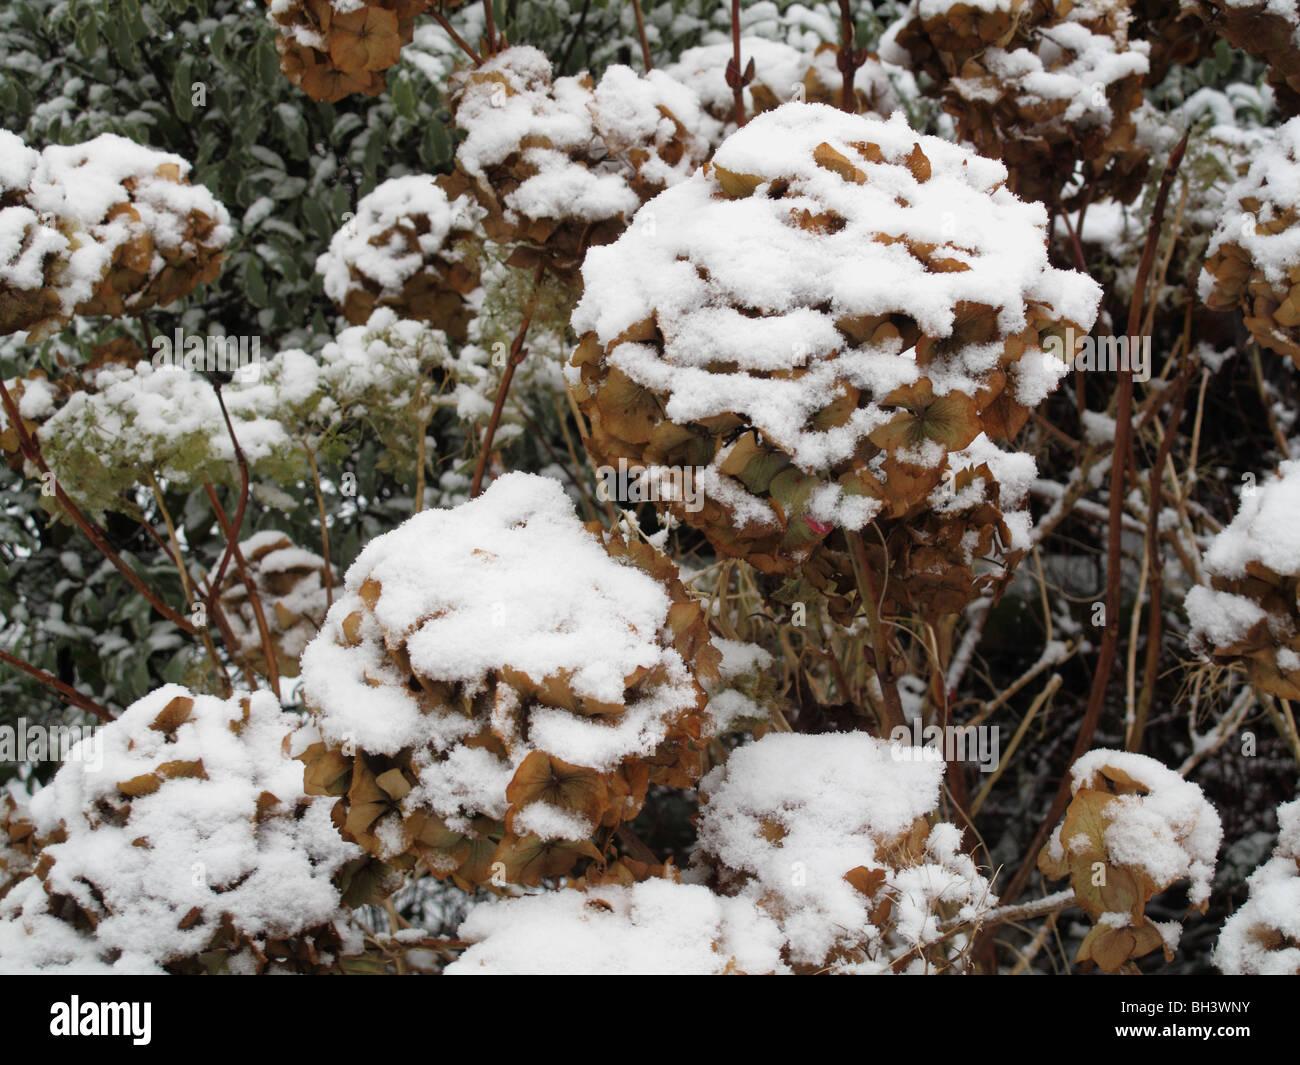 Cubierta de nieve en los últimos años flores en una hortensia en mediados de invierno Foto de stock